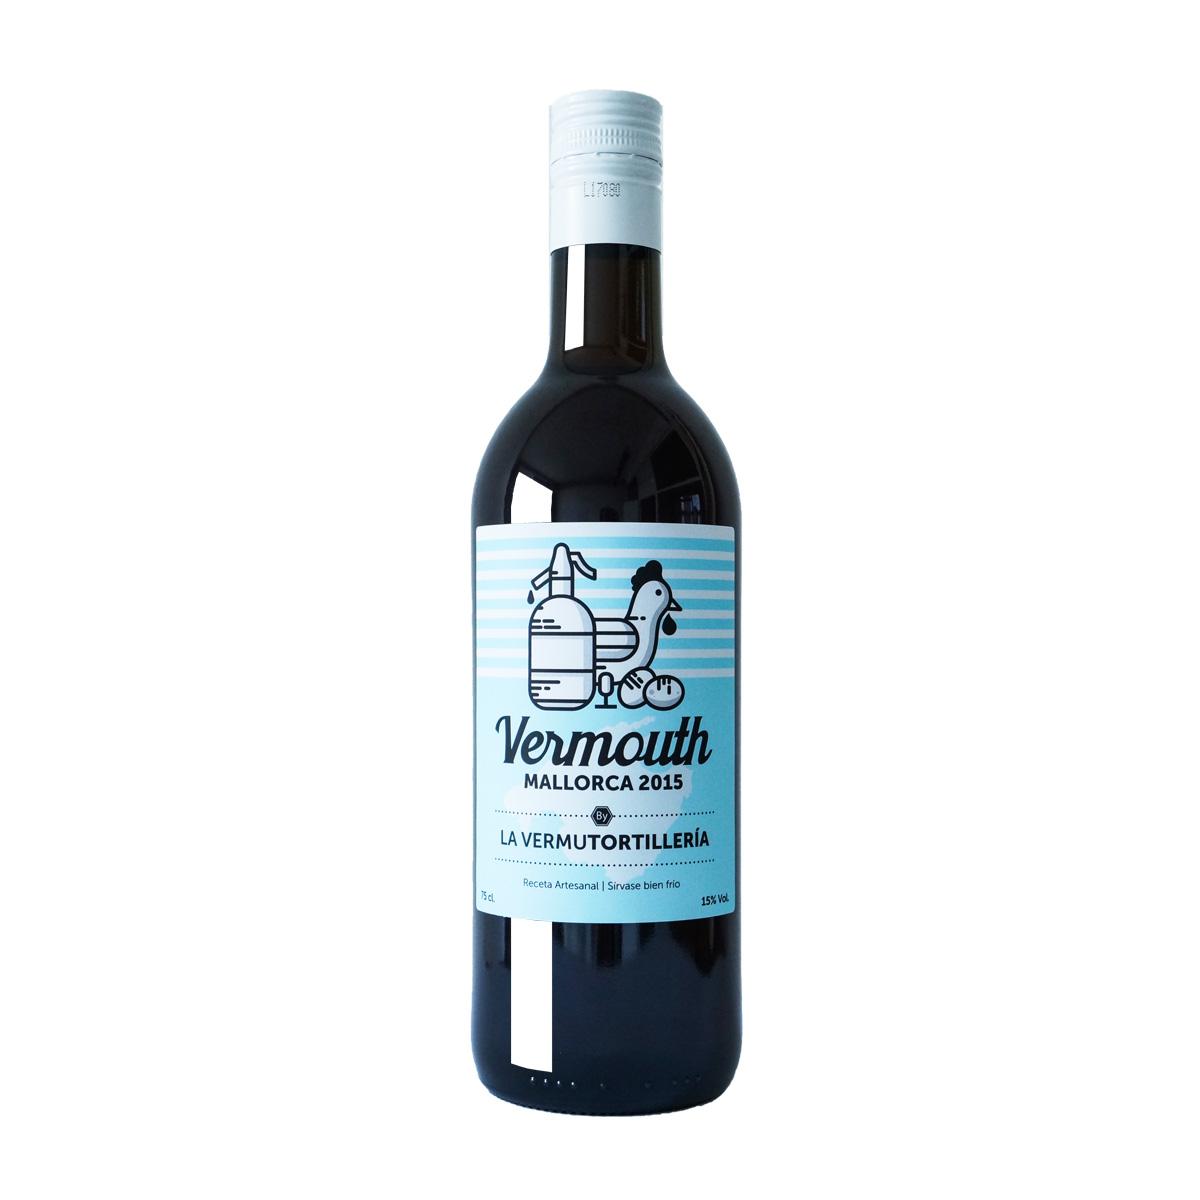 Vermouth Mallorca 2015